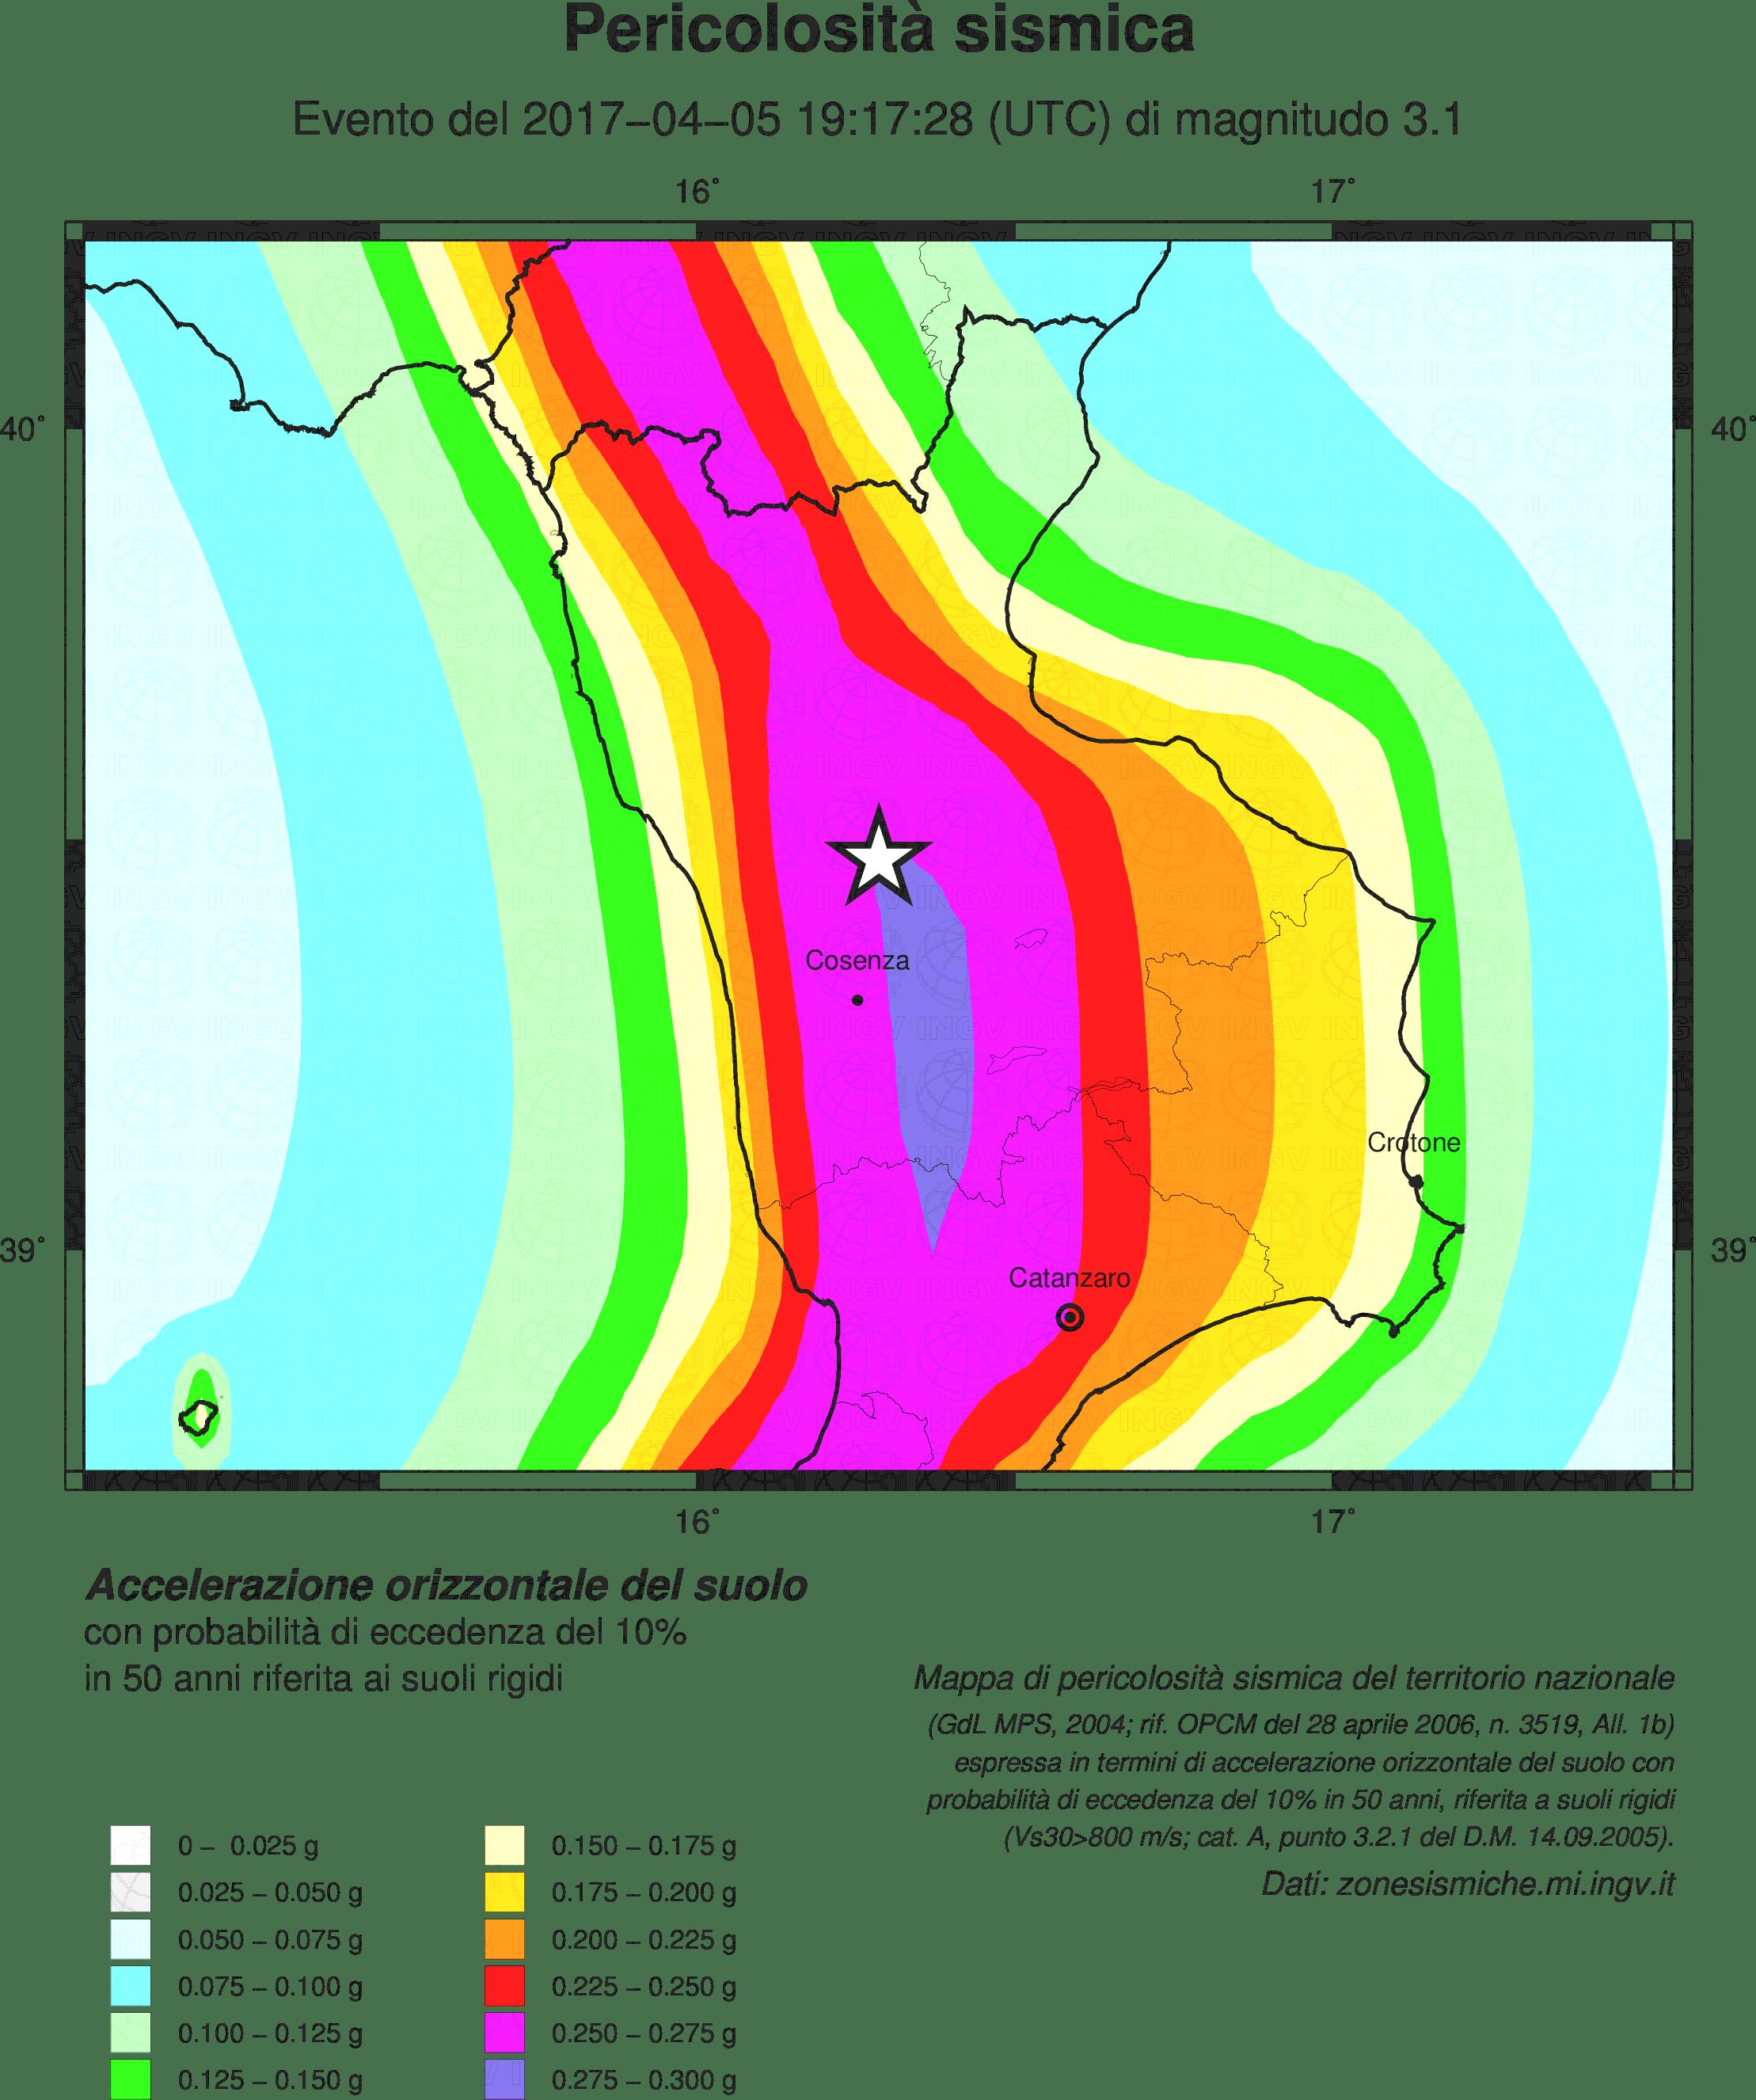 Terremoto L'Aquila Oggi, Epicentro a Campotosto: magnitudo 3.6